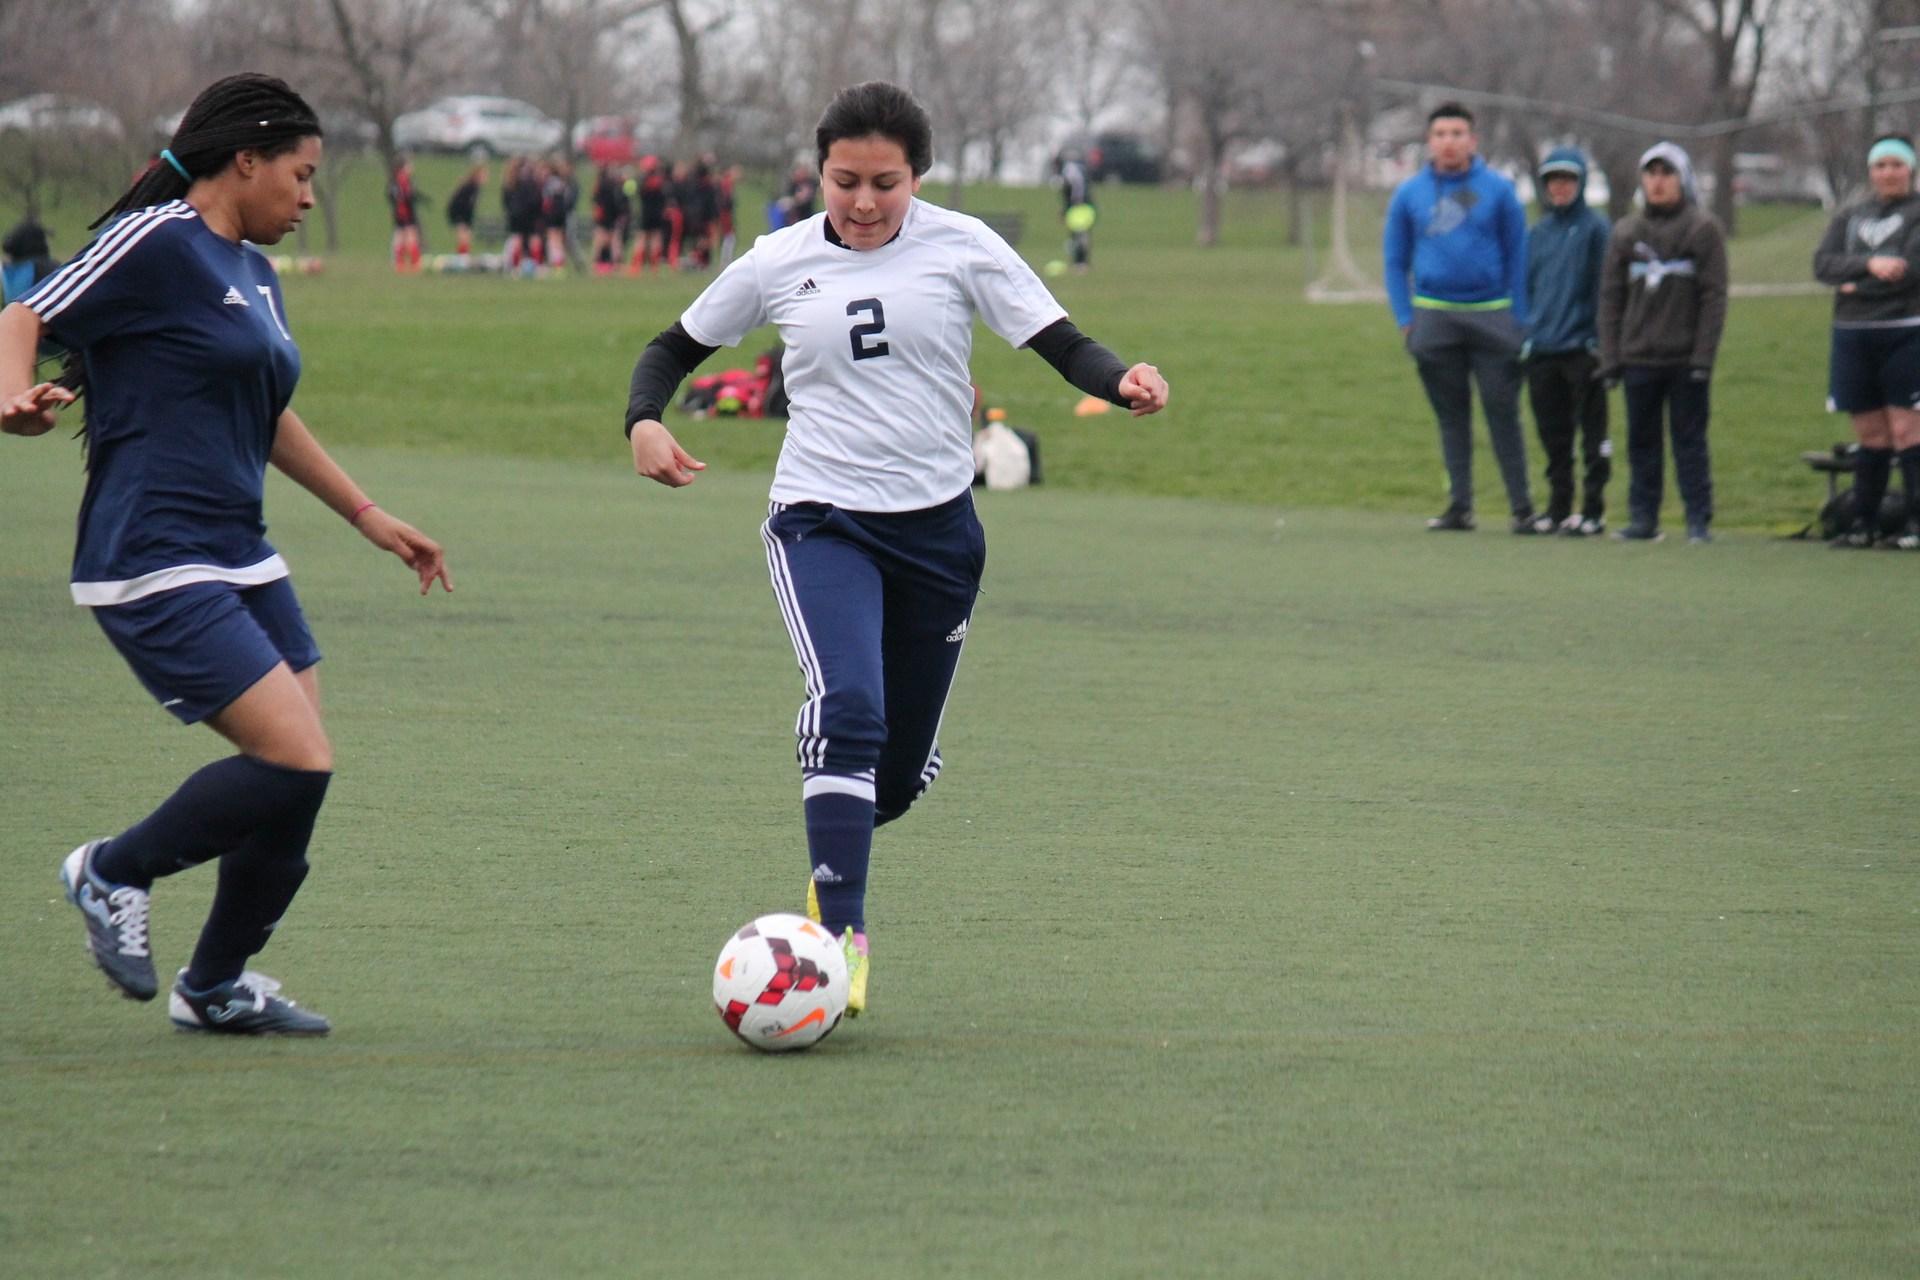 Rickover cadet kicking a soccer ball